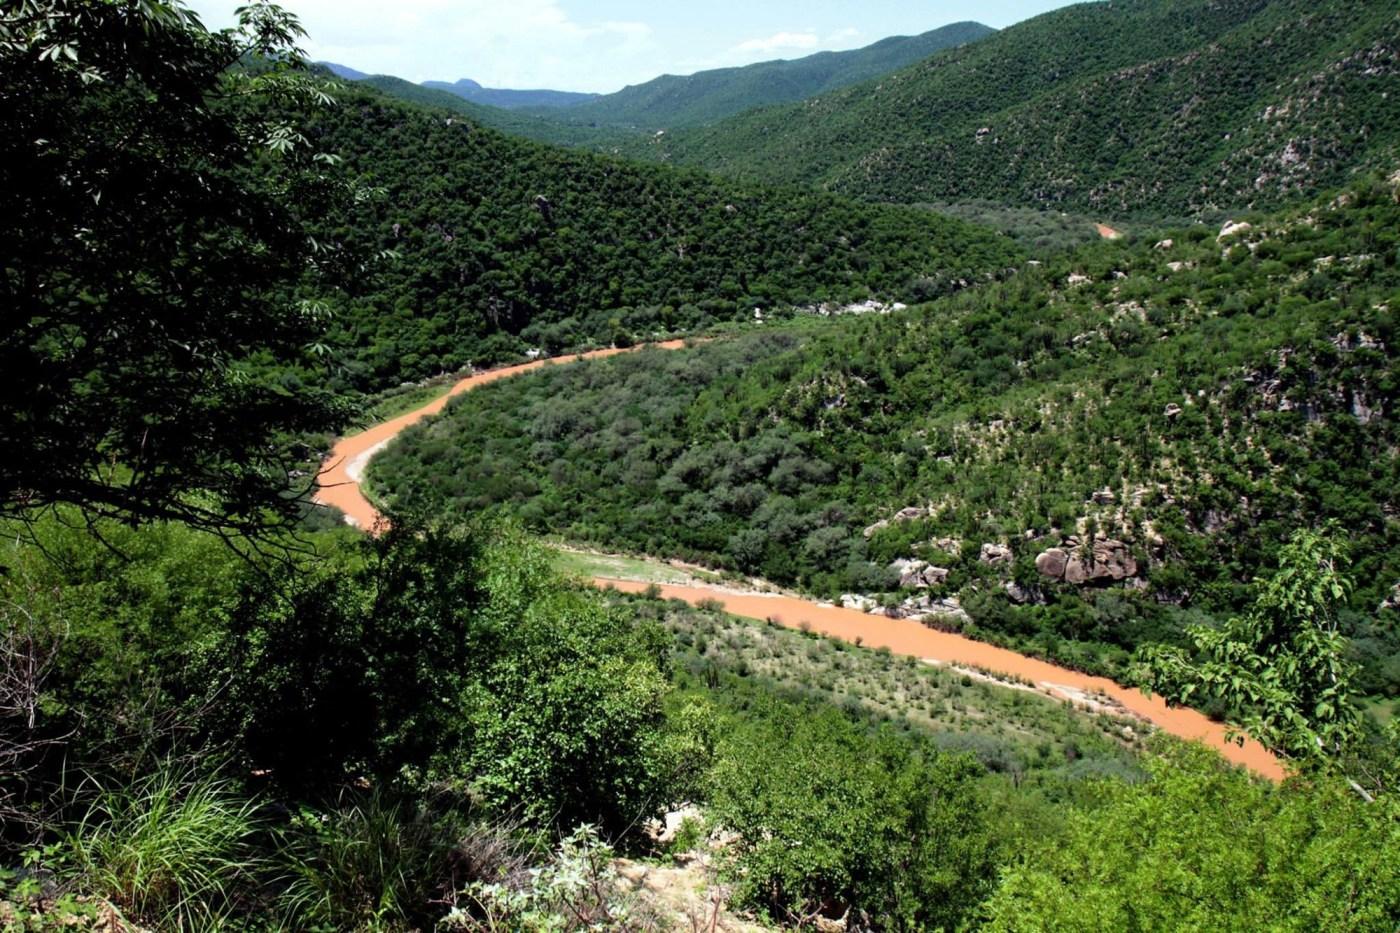 Vista del río Sonora después de ser contaminado.